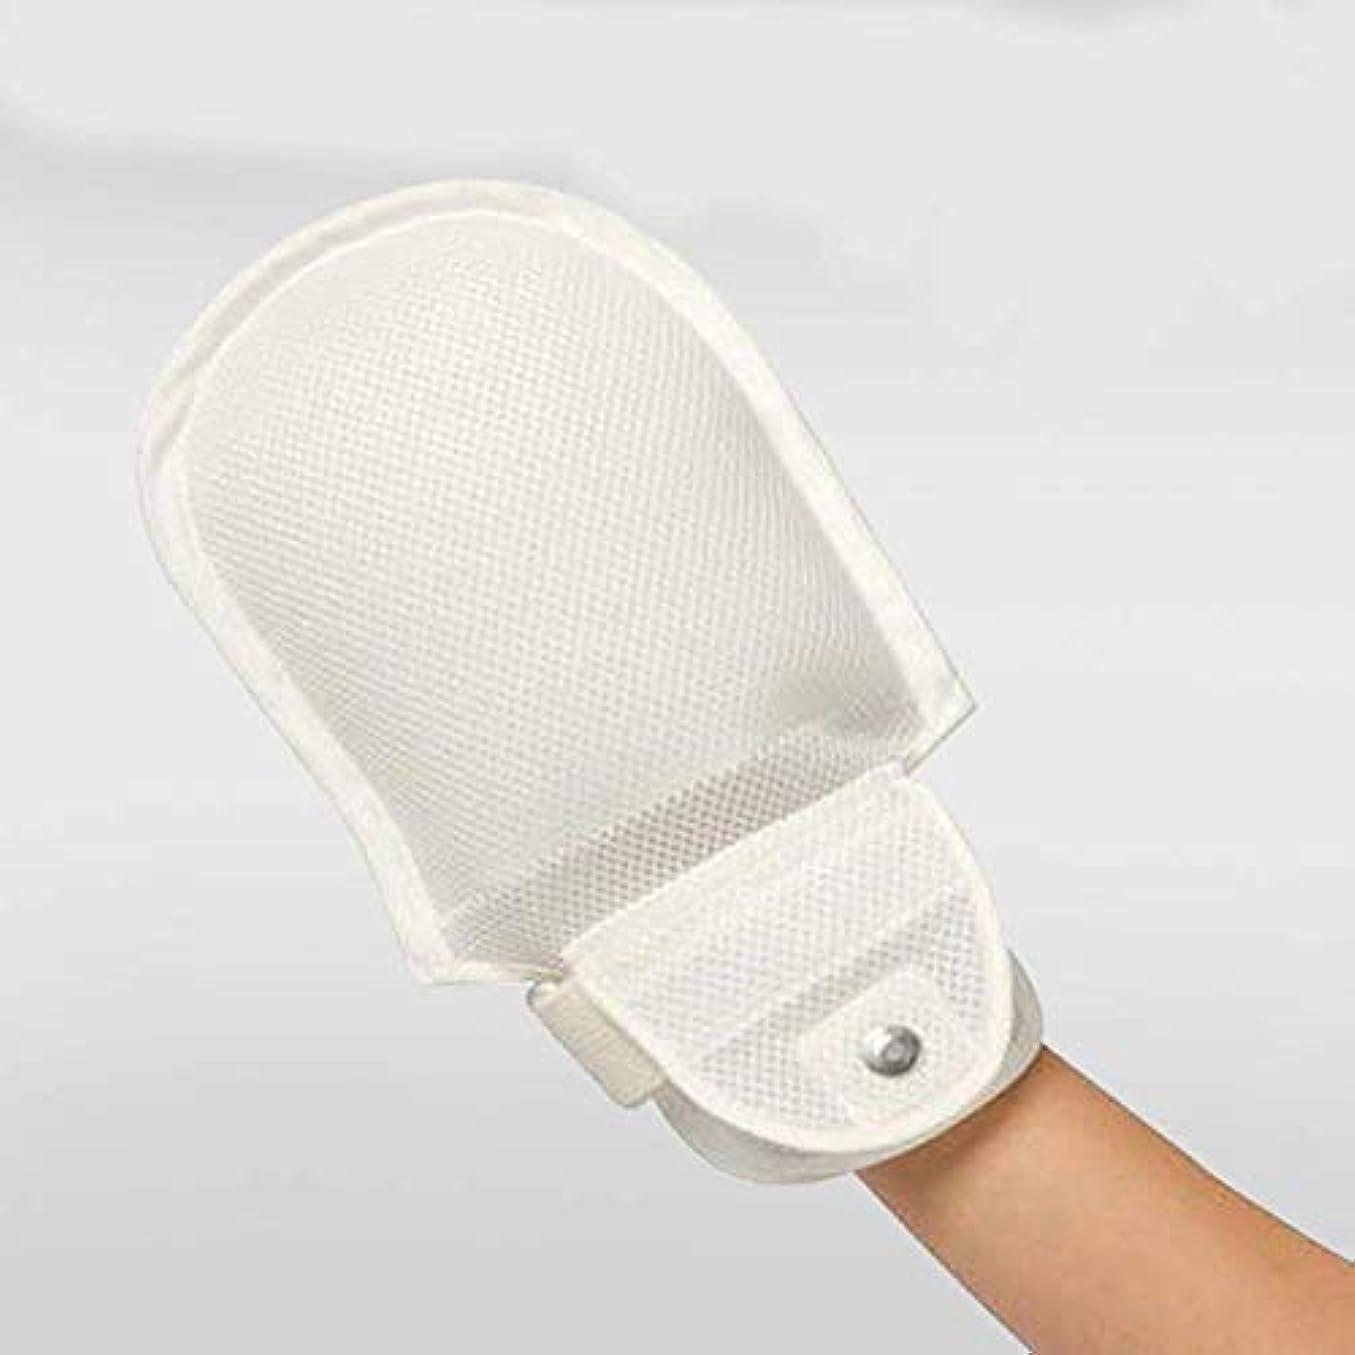 折り目南アメリカ数学フィンガーコントロールミット、手の拘束、認知症安全拘束手袋ハンドプロテクターを保護します。 (2PCS)